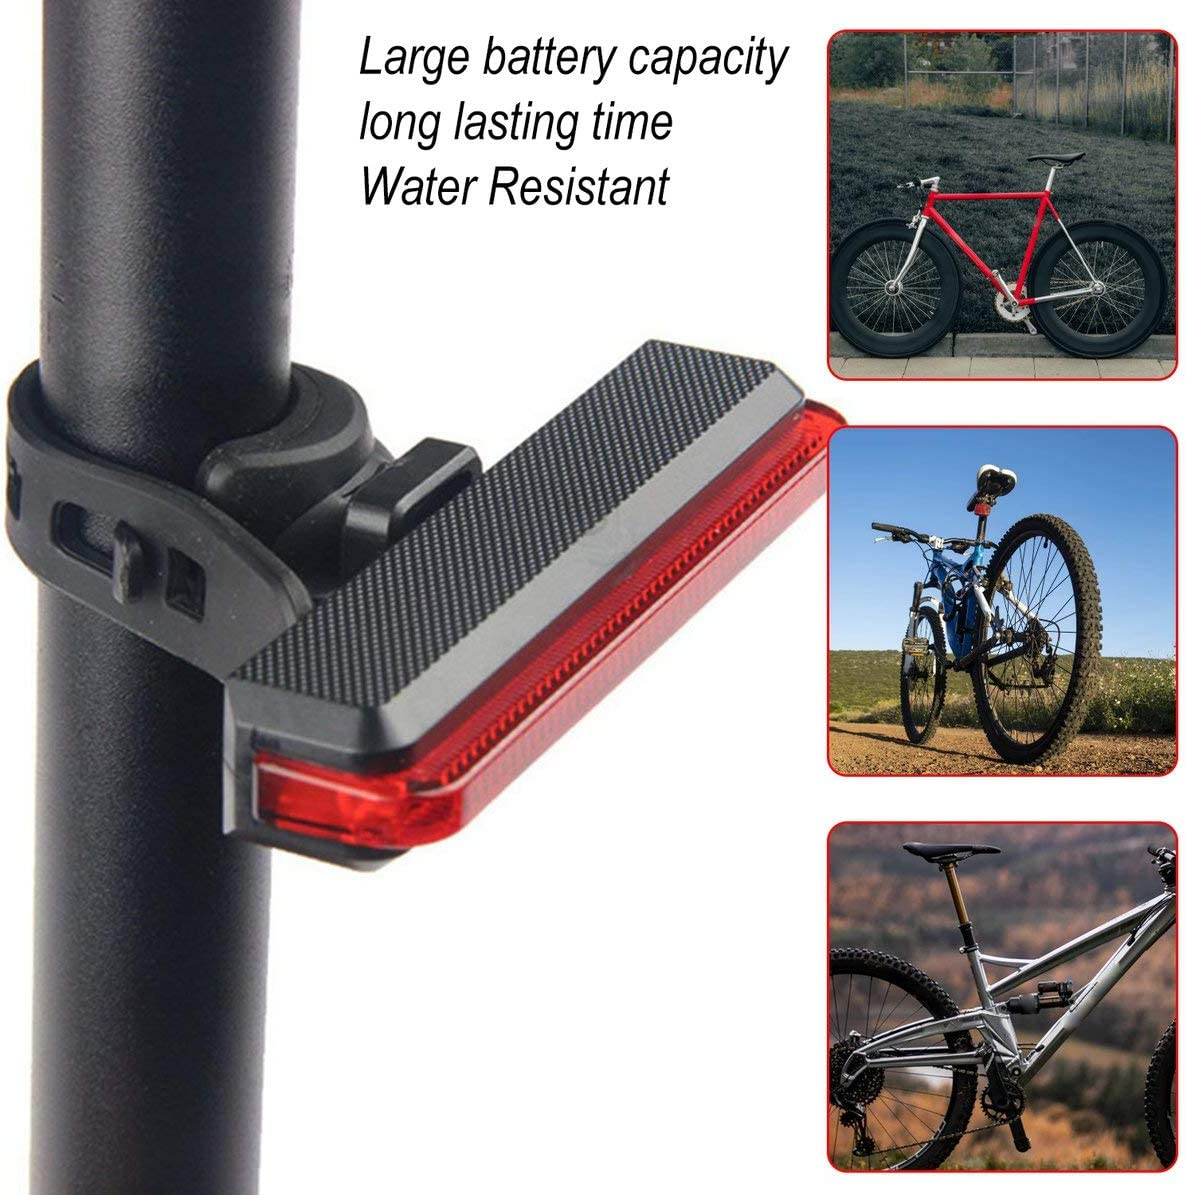 rot Sunnyflowk batteriebetriebenes Fahrrad R/ückleuchte R/ücklicht LED Fahrrad-Sicherheits-R/ücklicht wasserdicht LED-Fahrrad-Fahrrad-Sicherheits-Licht